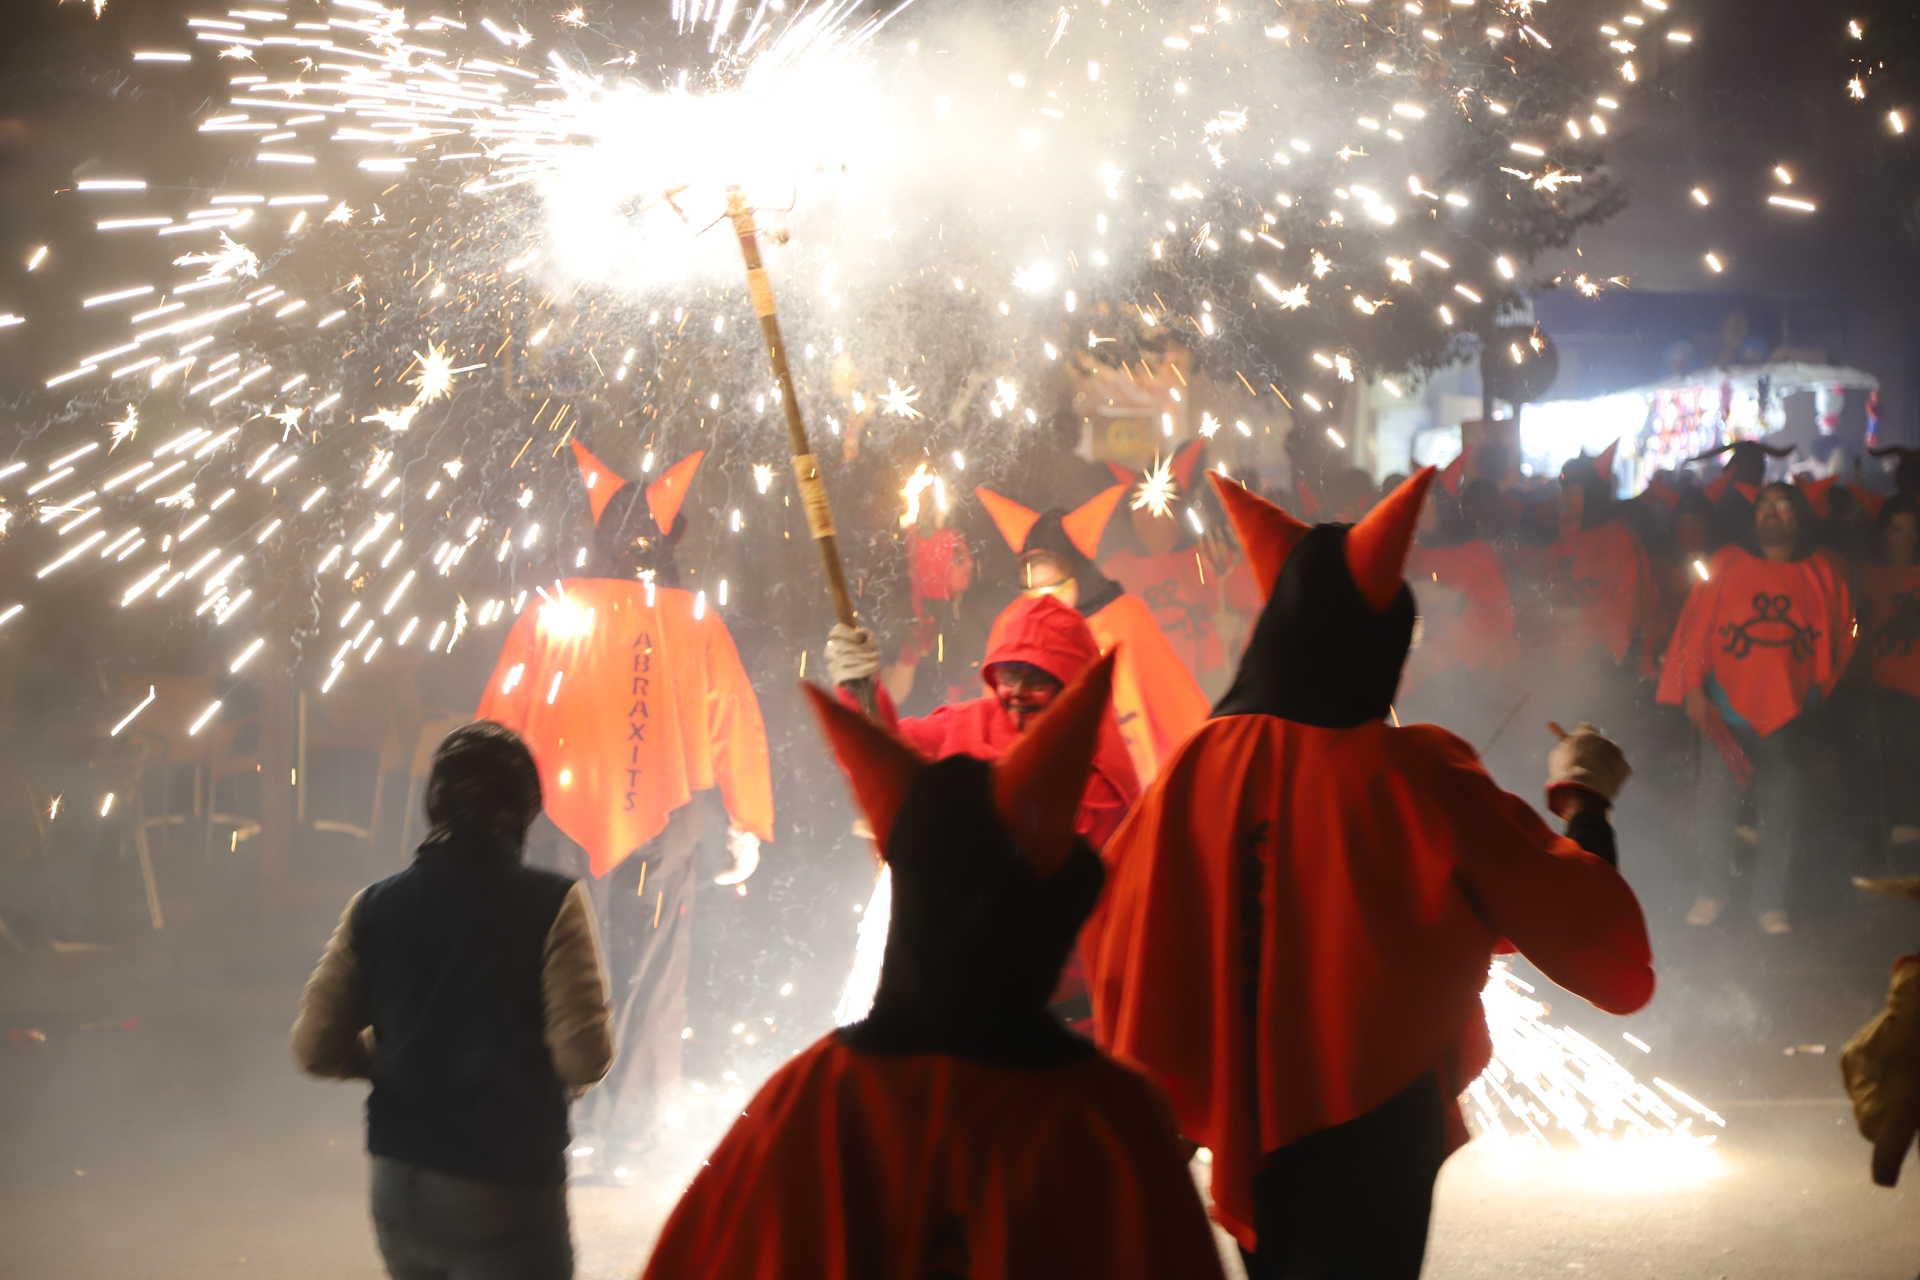 FESTIVITIES OF CRISTO DE LA PAZ